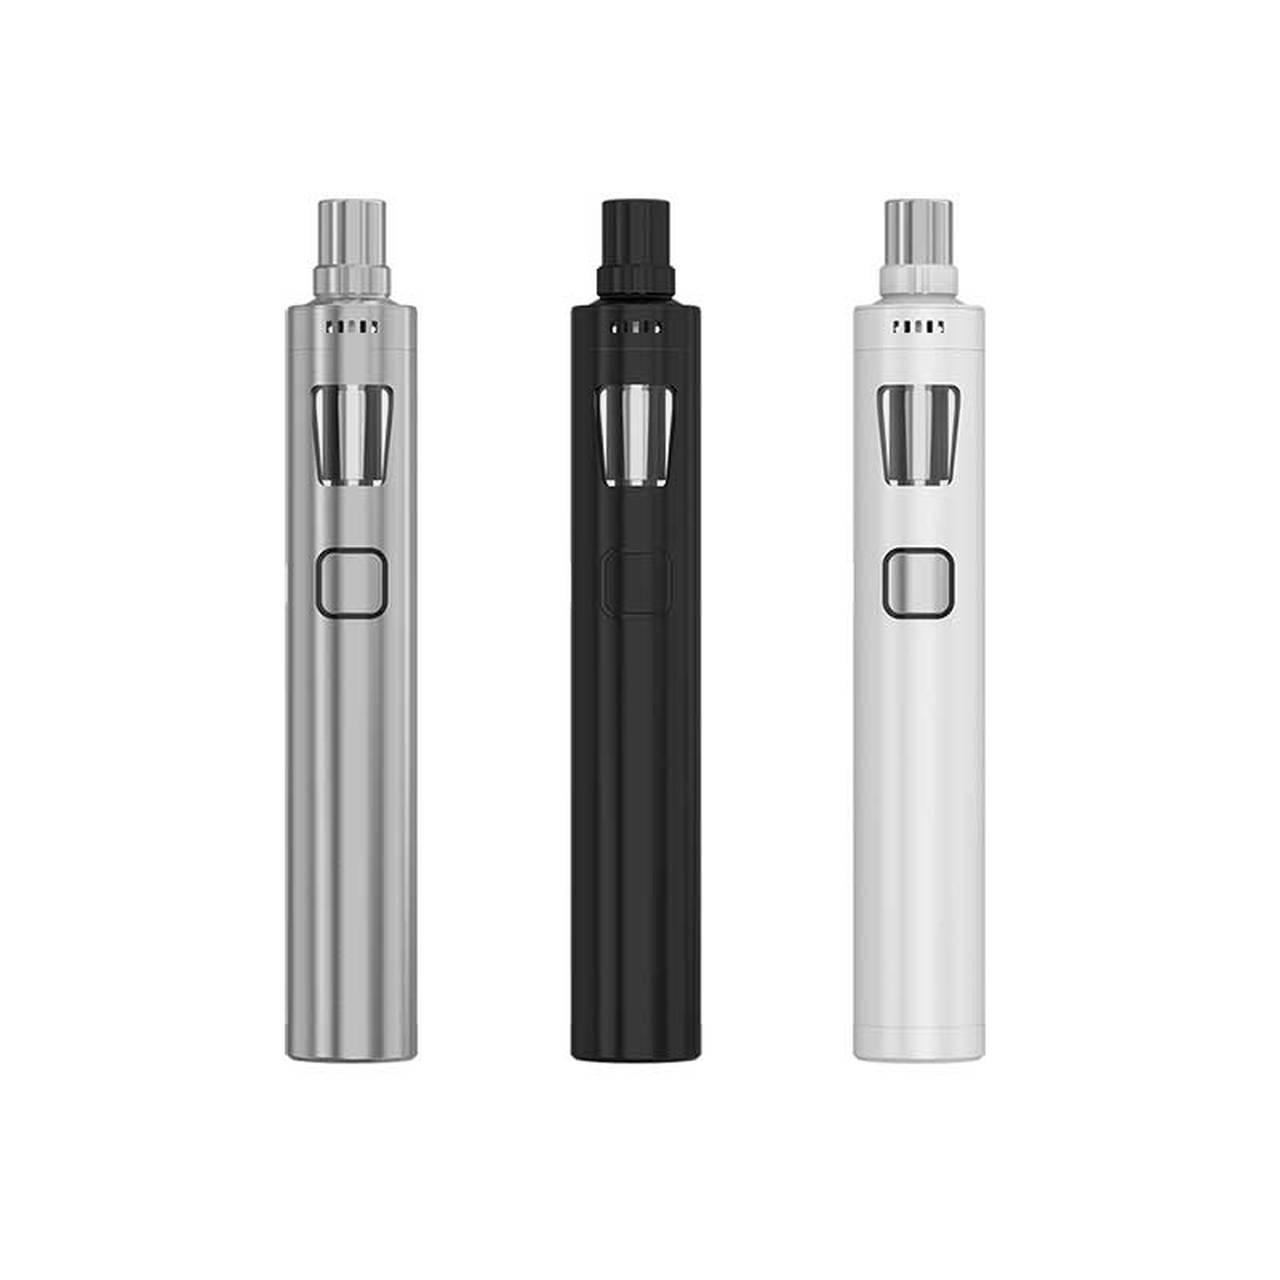 Инструкция по эксплуатации электронной сигареты smoke. инструкция для электронной сигареты joyetech ego aio. как правильно курить электронные сигареты